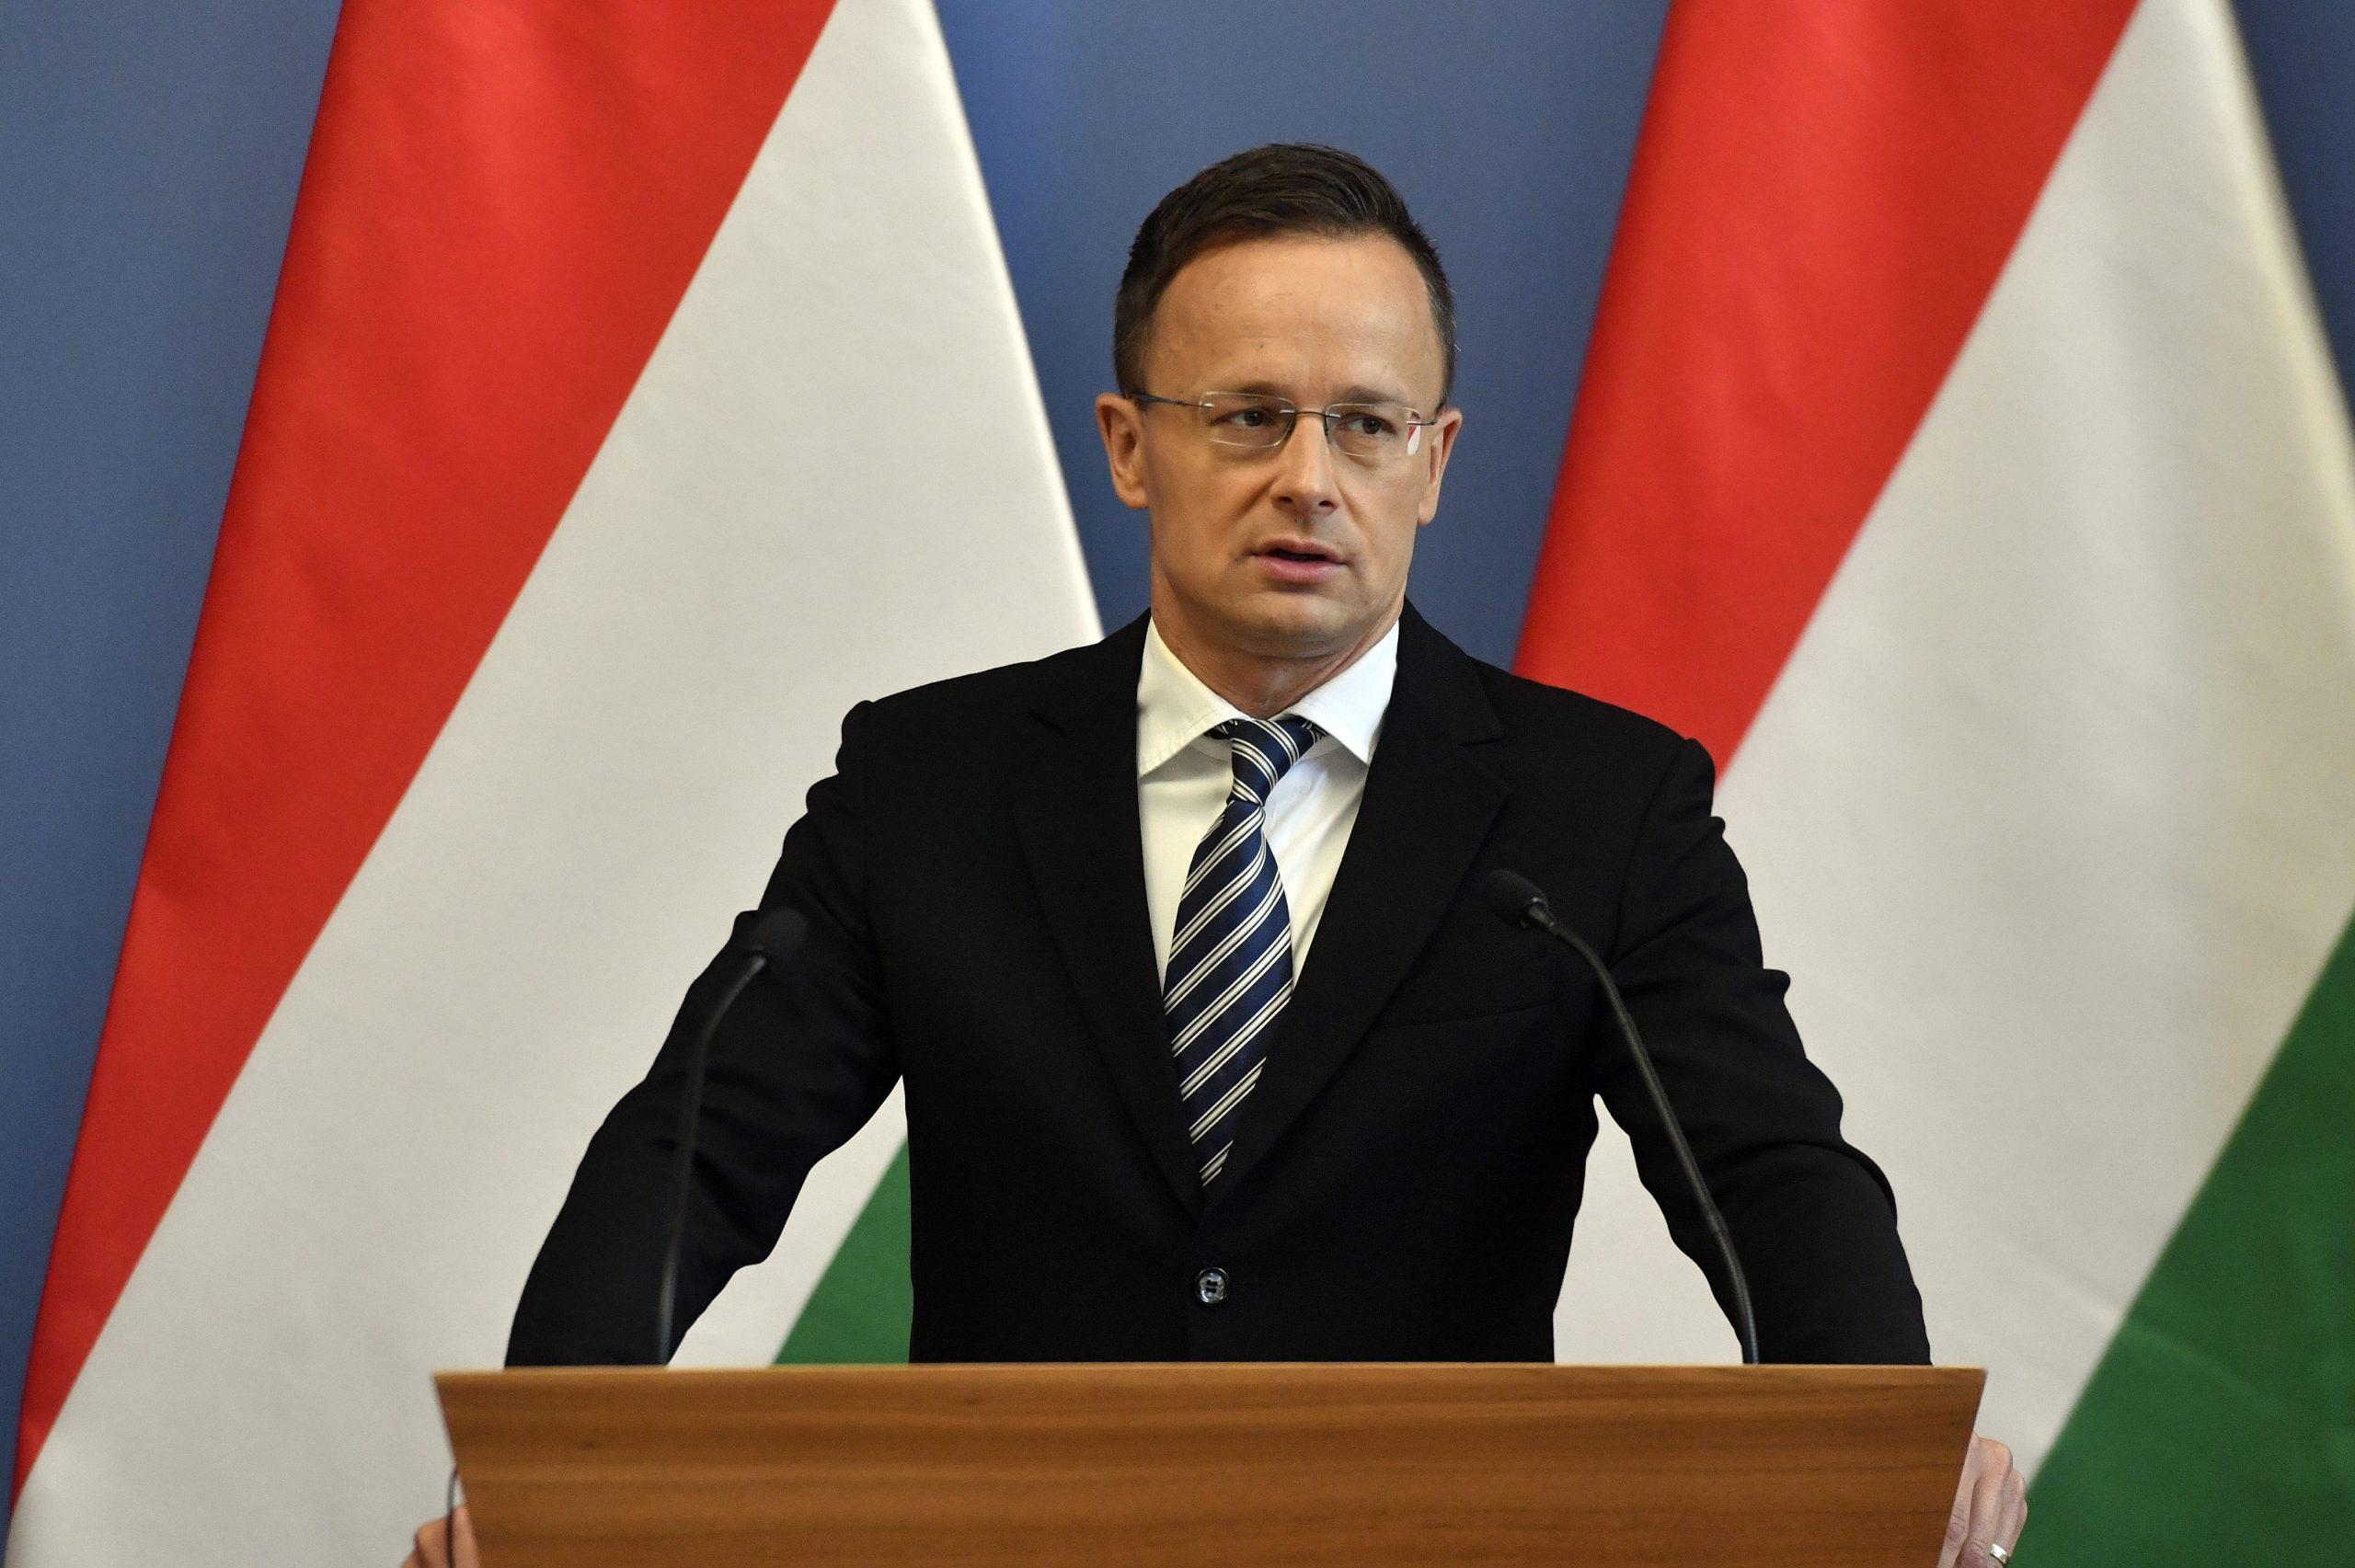 Szijjártó: Hungary Foreign Policy